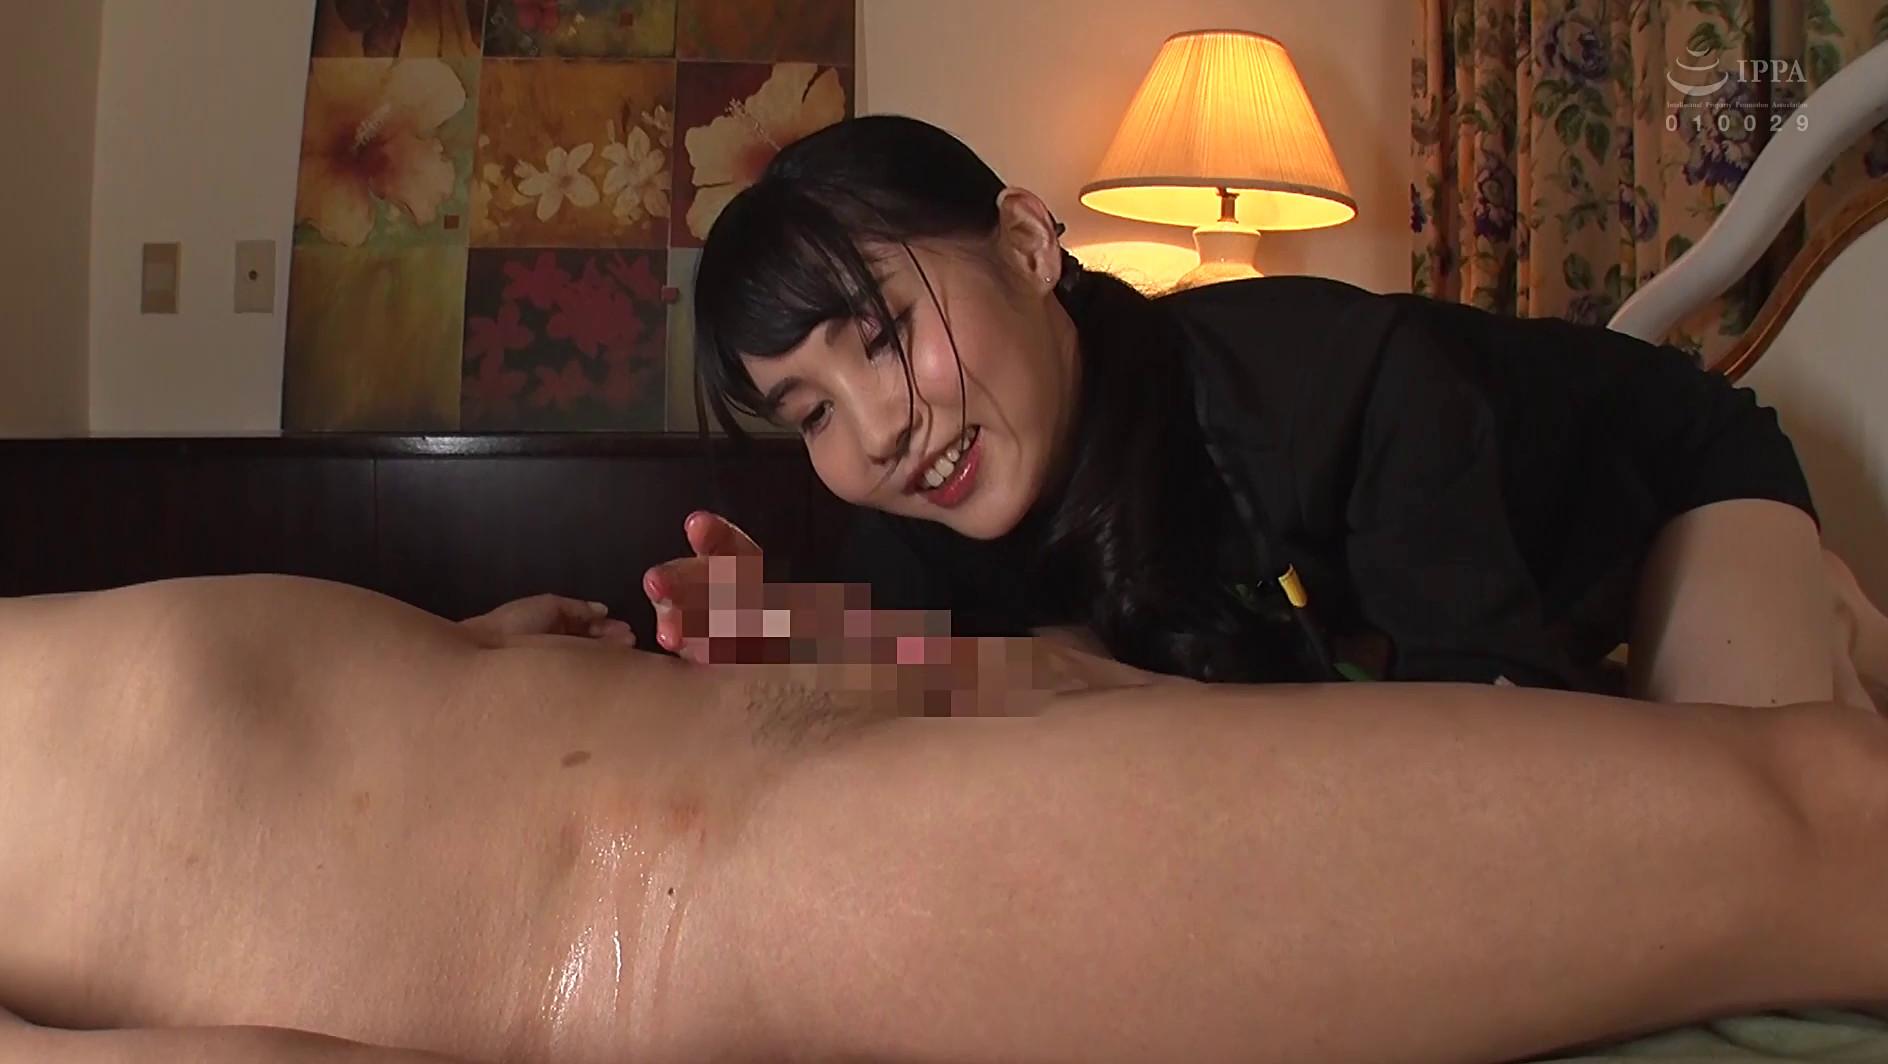 超美人ニューハーフが施術する高級ち○ぽ回春エステサロン 咲雪華奈 画像13